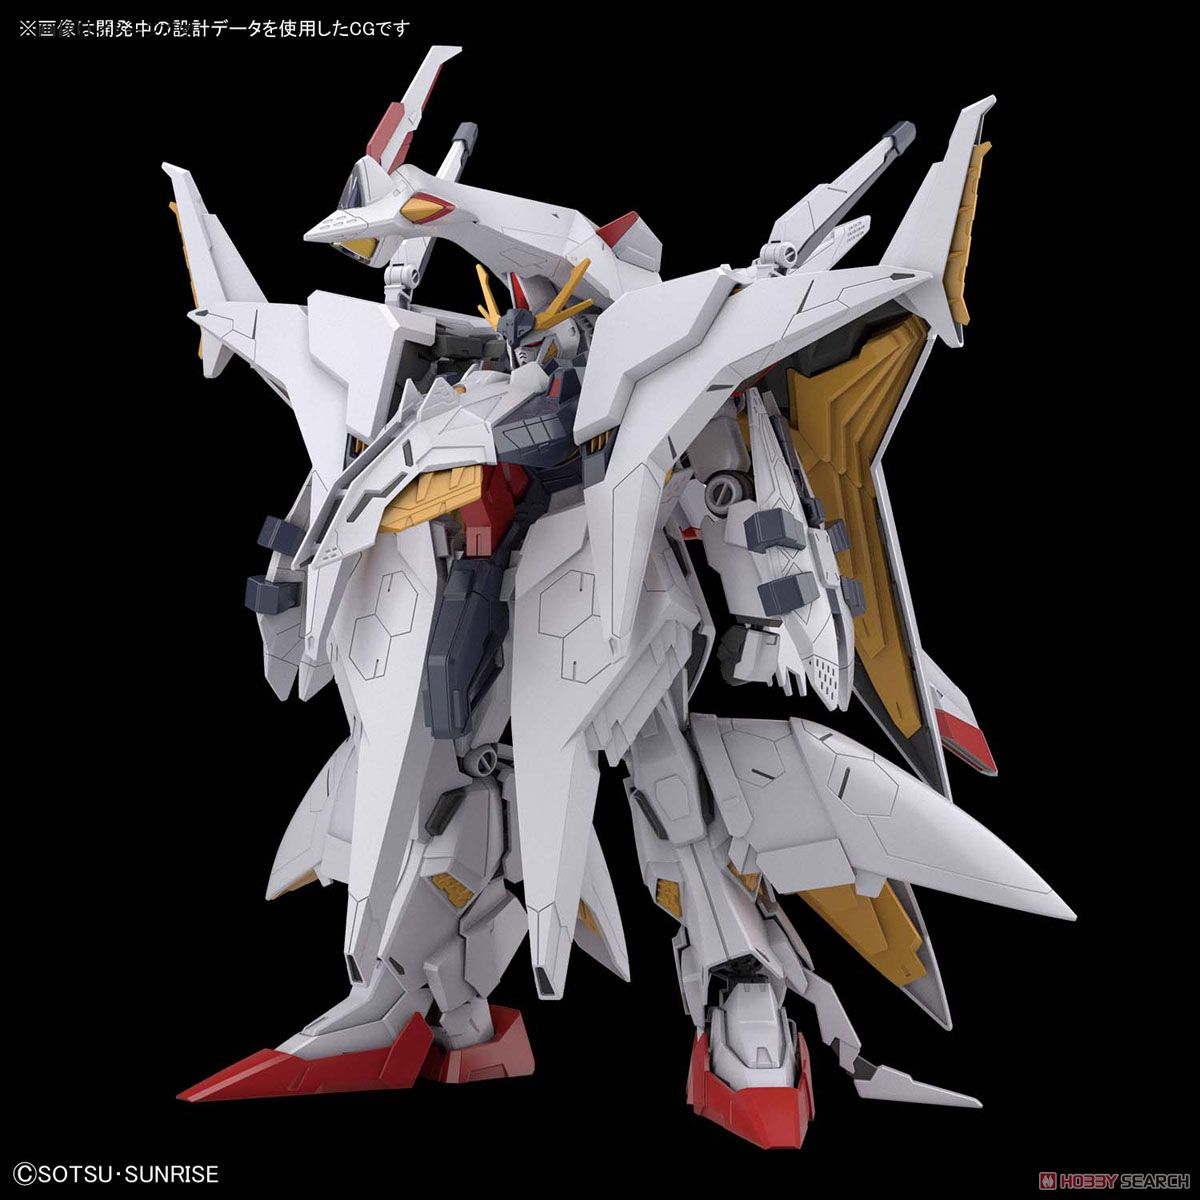 【再販】HGUC 1/144『ペーネロペー』機動戦士ガンダム 閃光のハサウェイ プラモデル-014